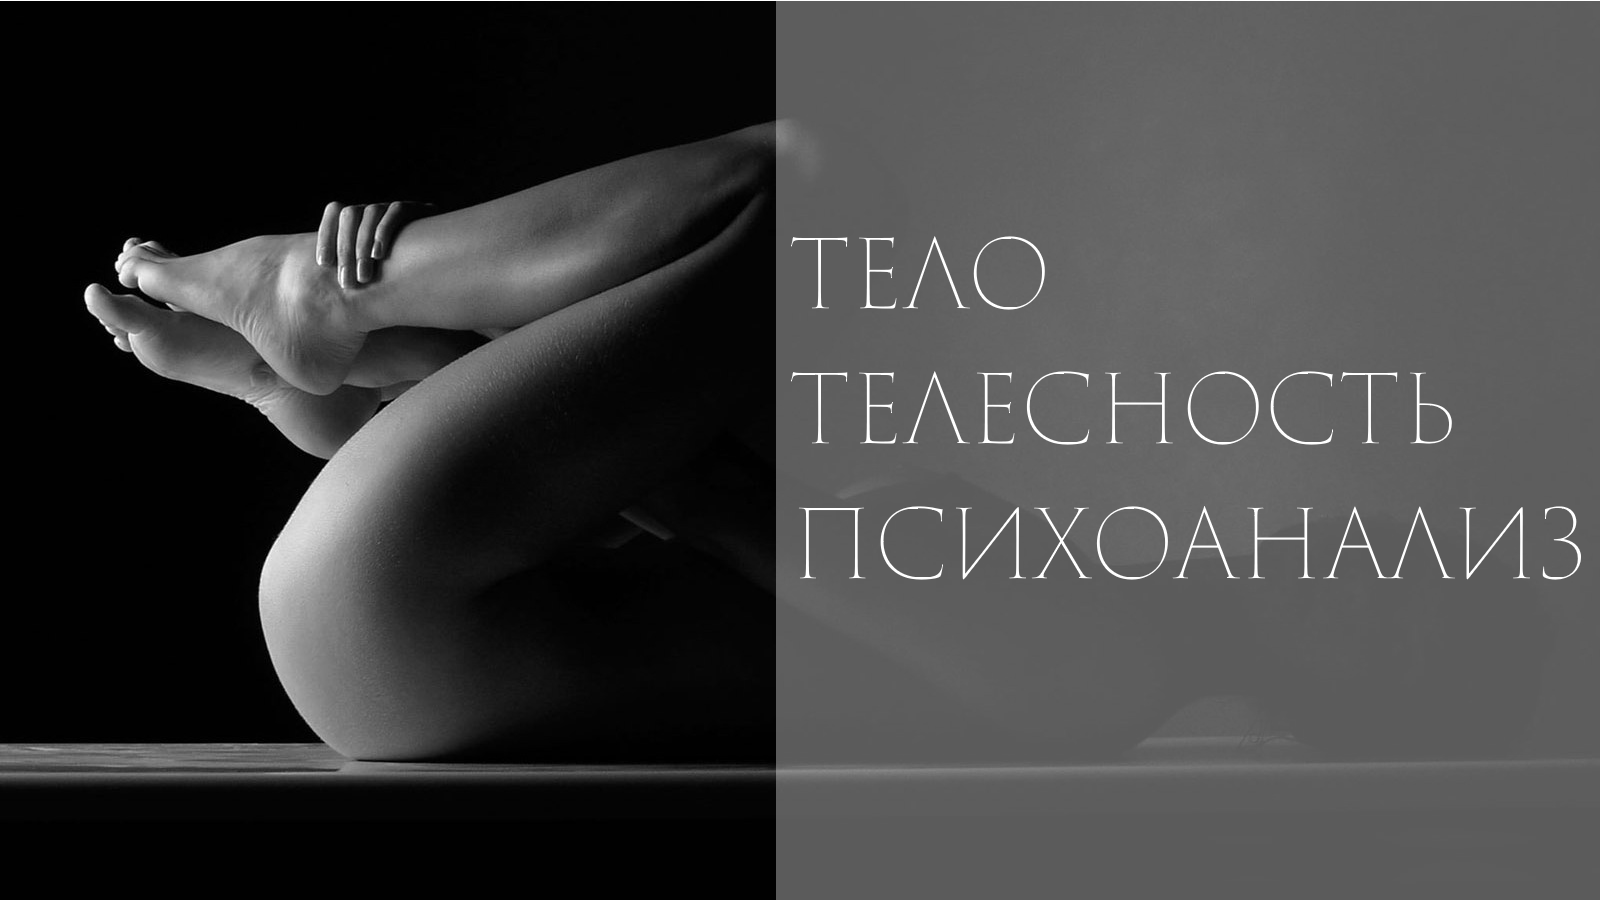 Тело, телесность, психоанализ (24 апреля)